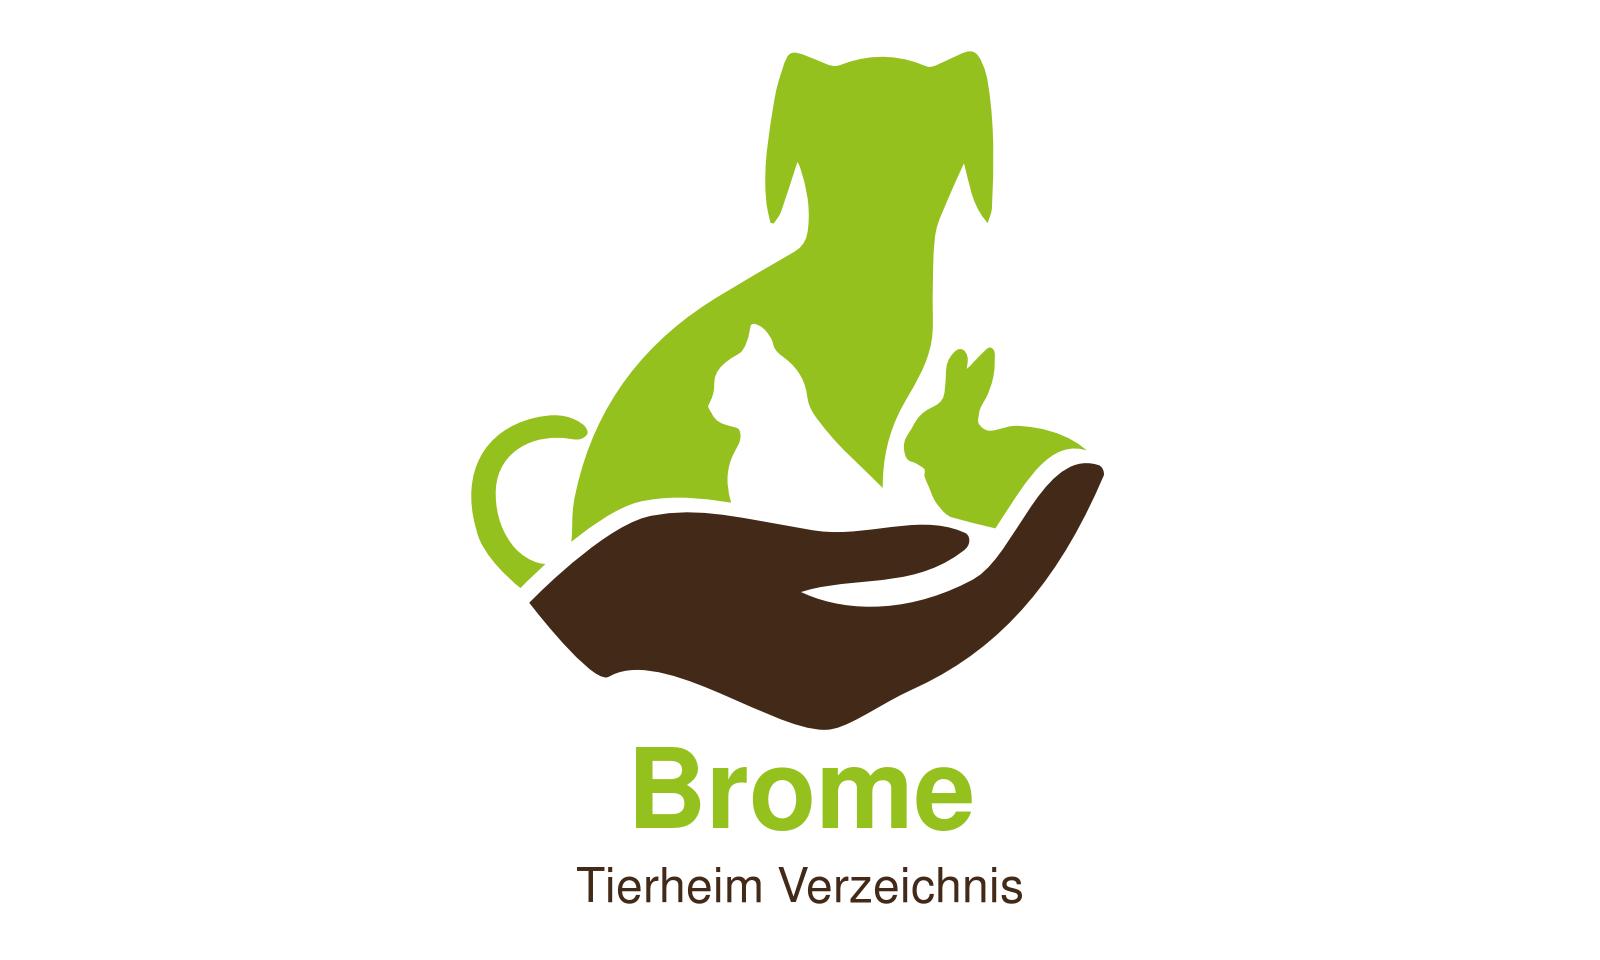 Tierheim Brome